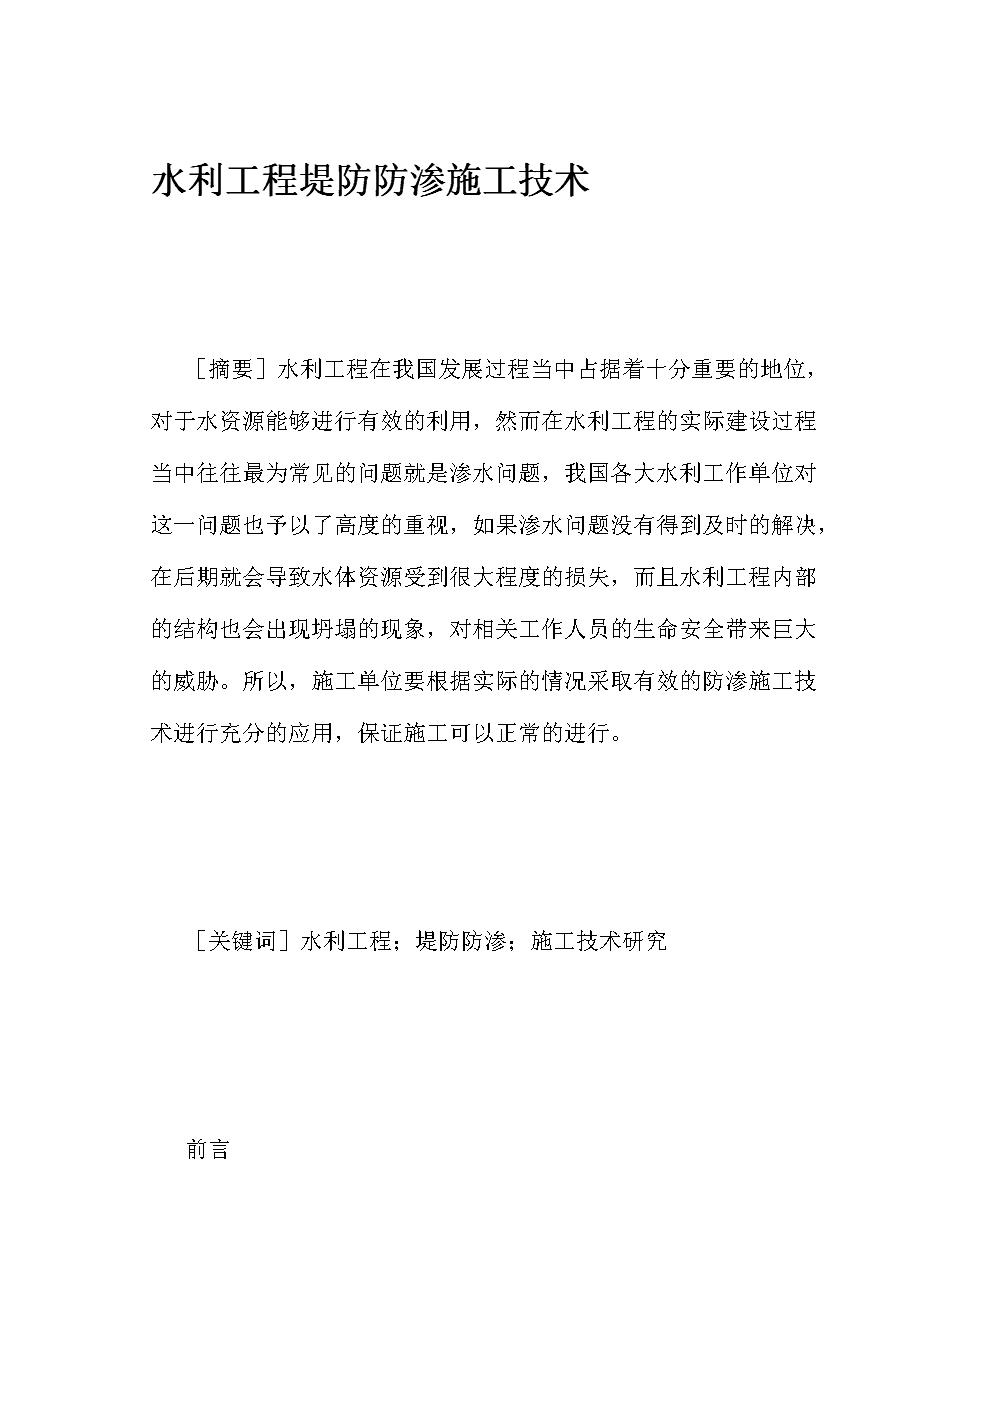 水利工程堤防防渗施工技术-水利工程论文-水利论文.docx